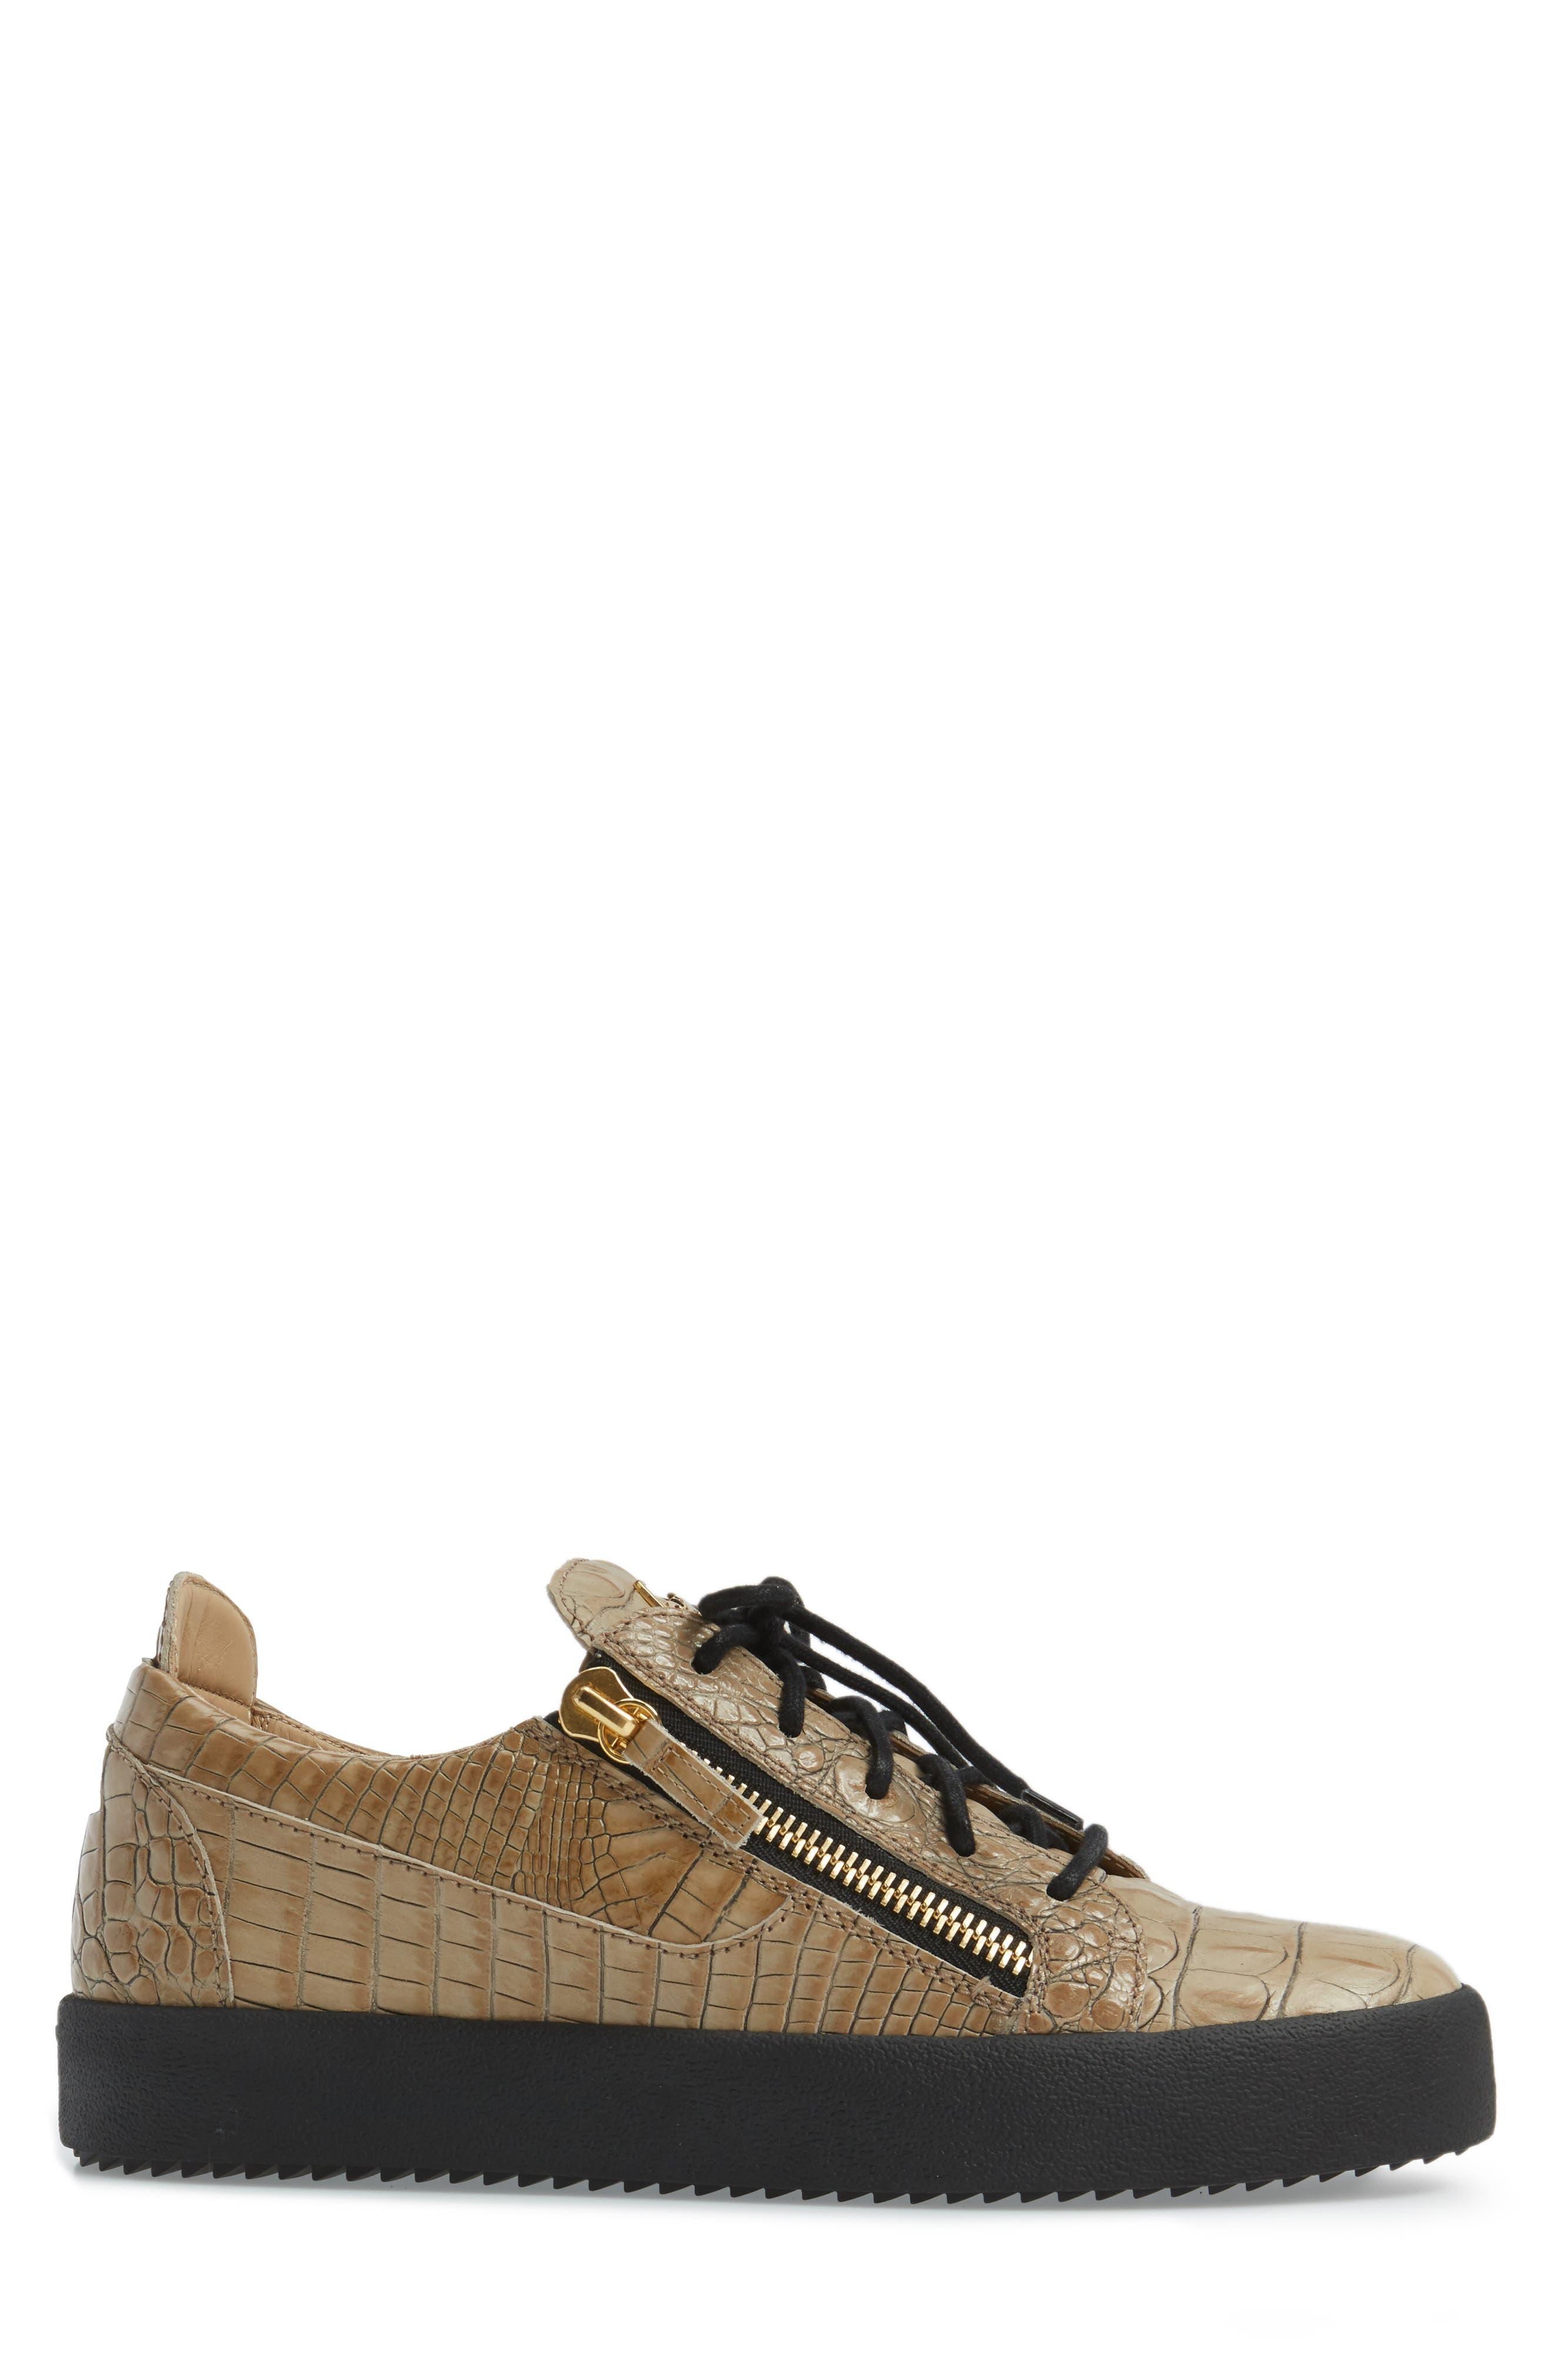 Low Top Sneaker,                             Alternate thumbnail 3, color,                             200